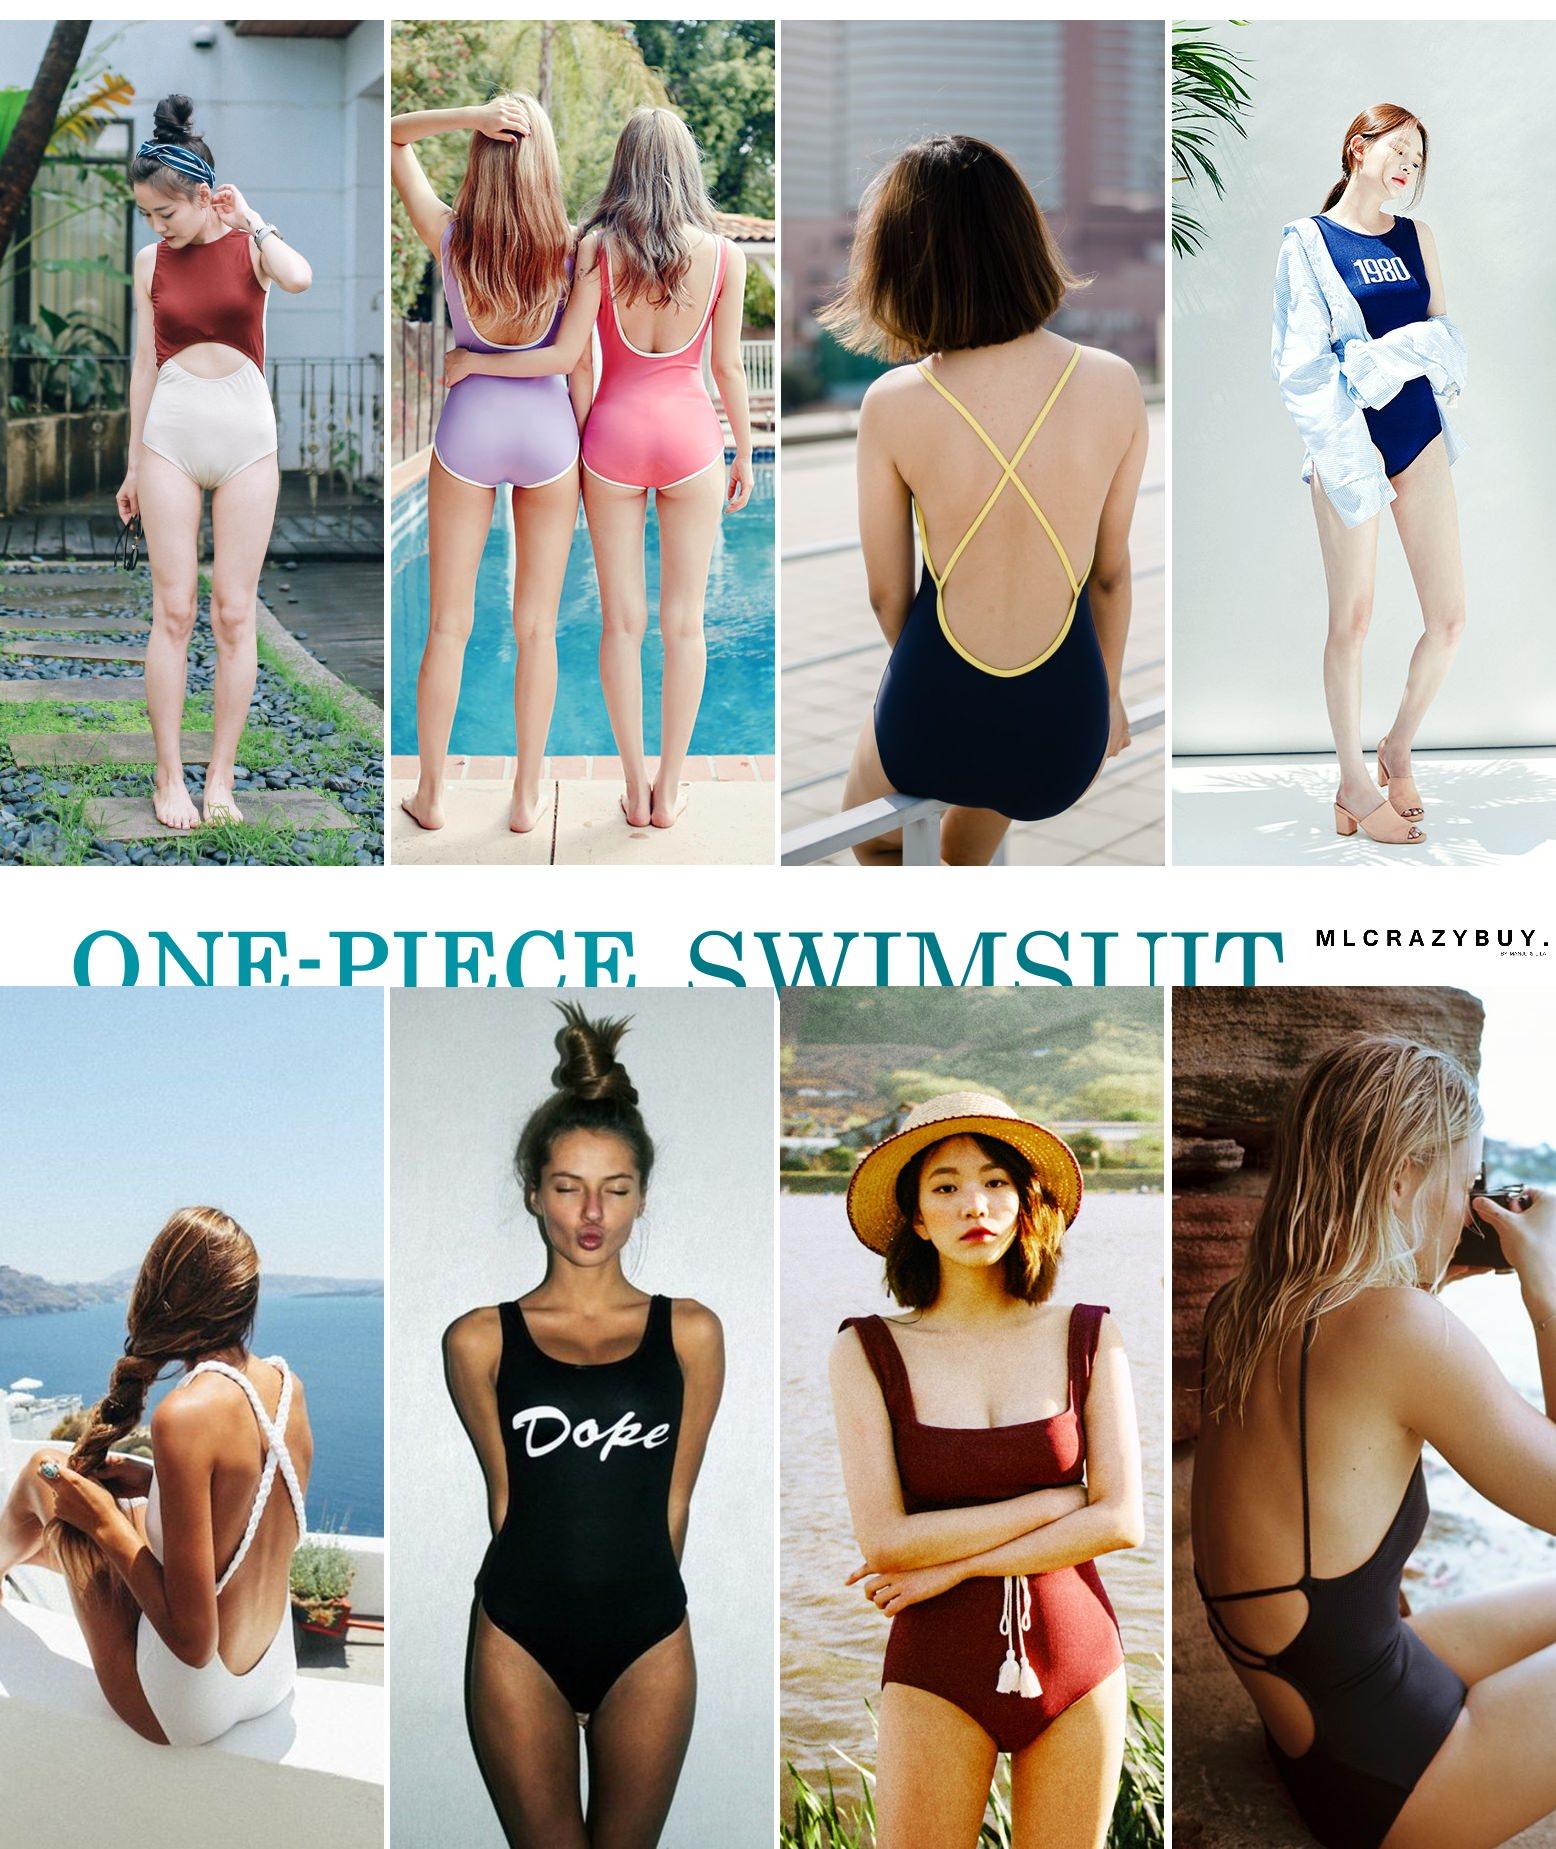 [swimsuit] 文青女孩的比基尼購物日記♥復古連身泳衣也時尚!